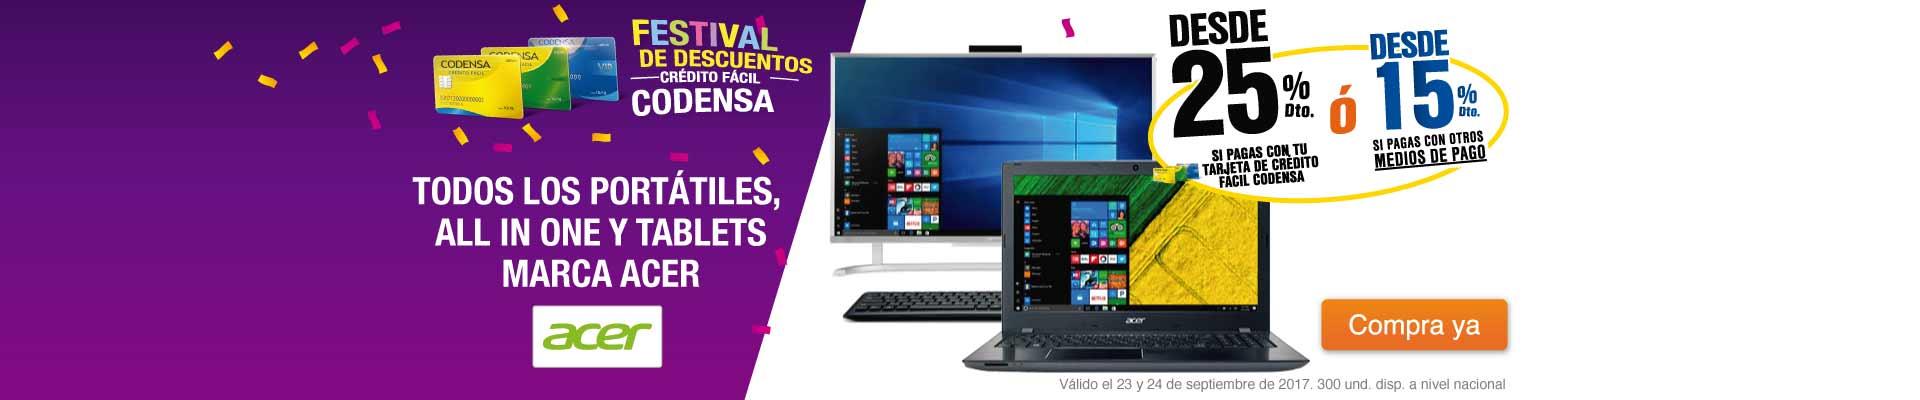 PPAL AK-4-computadores-Desde 25% Dto. con CFC en todos los portátiles, aio y tablets Acer-cat-septiembre23-24